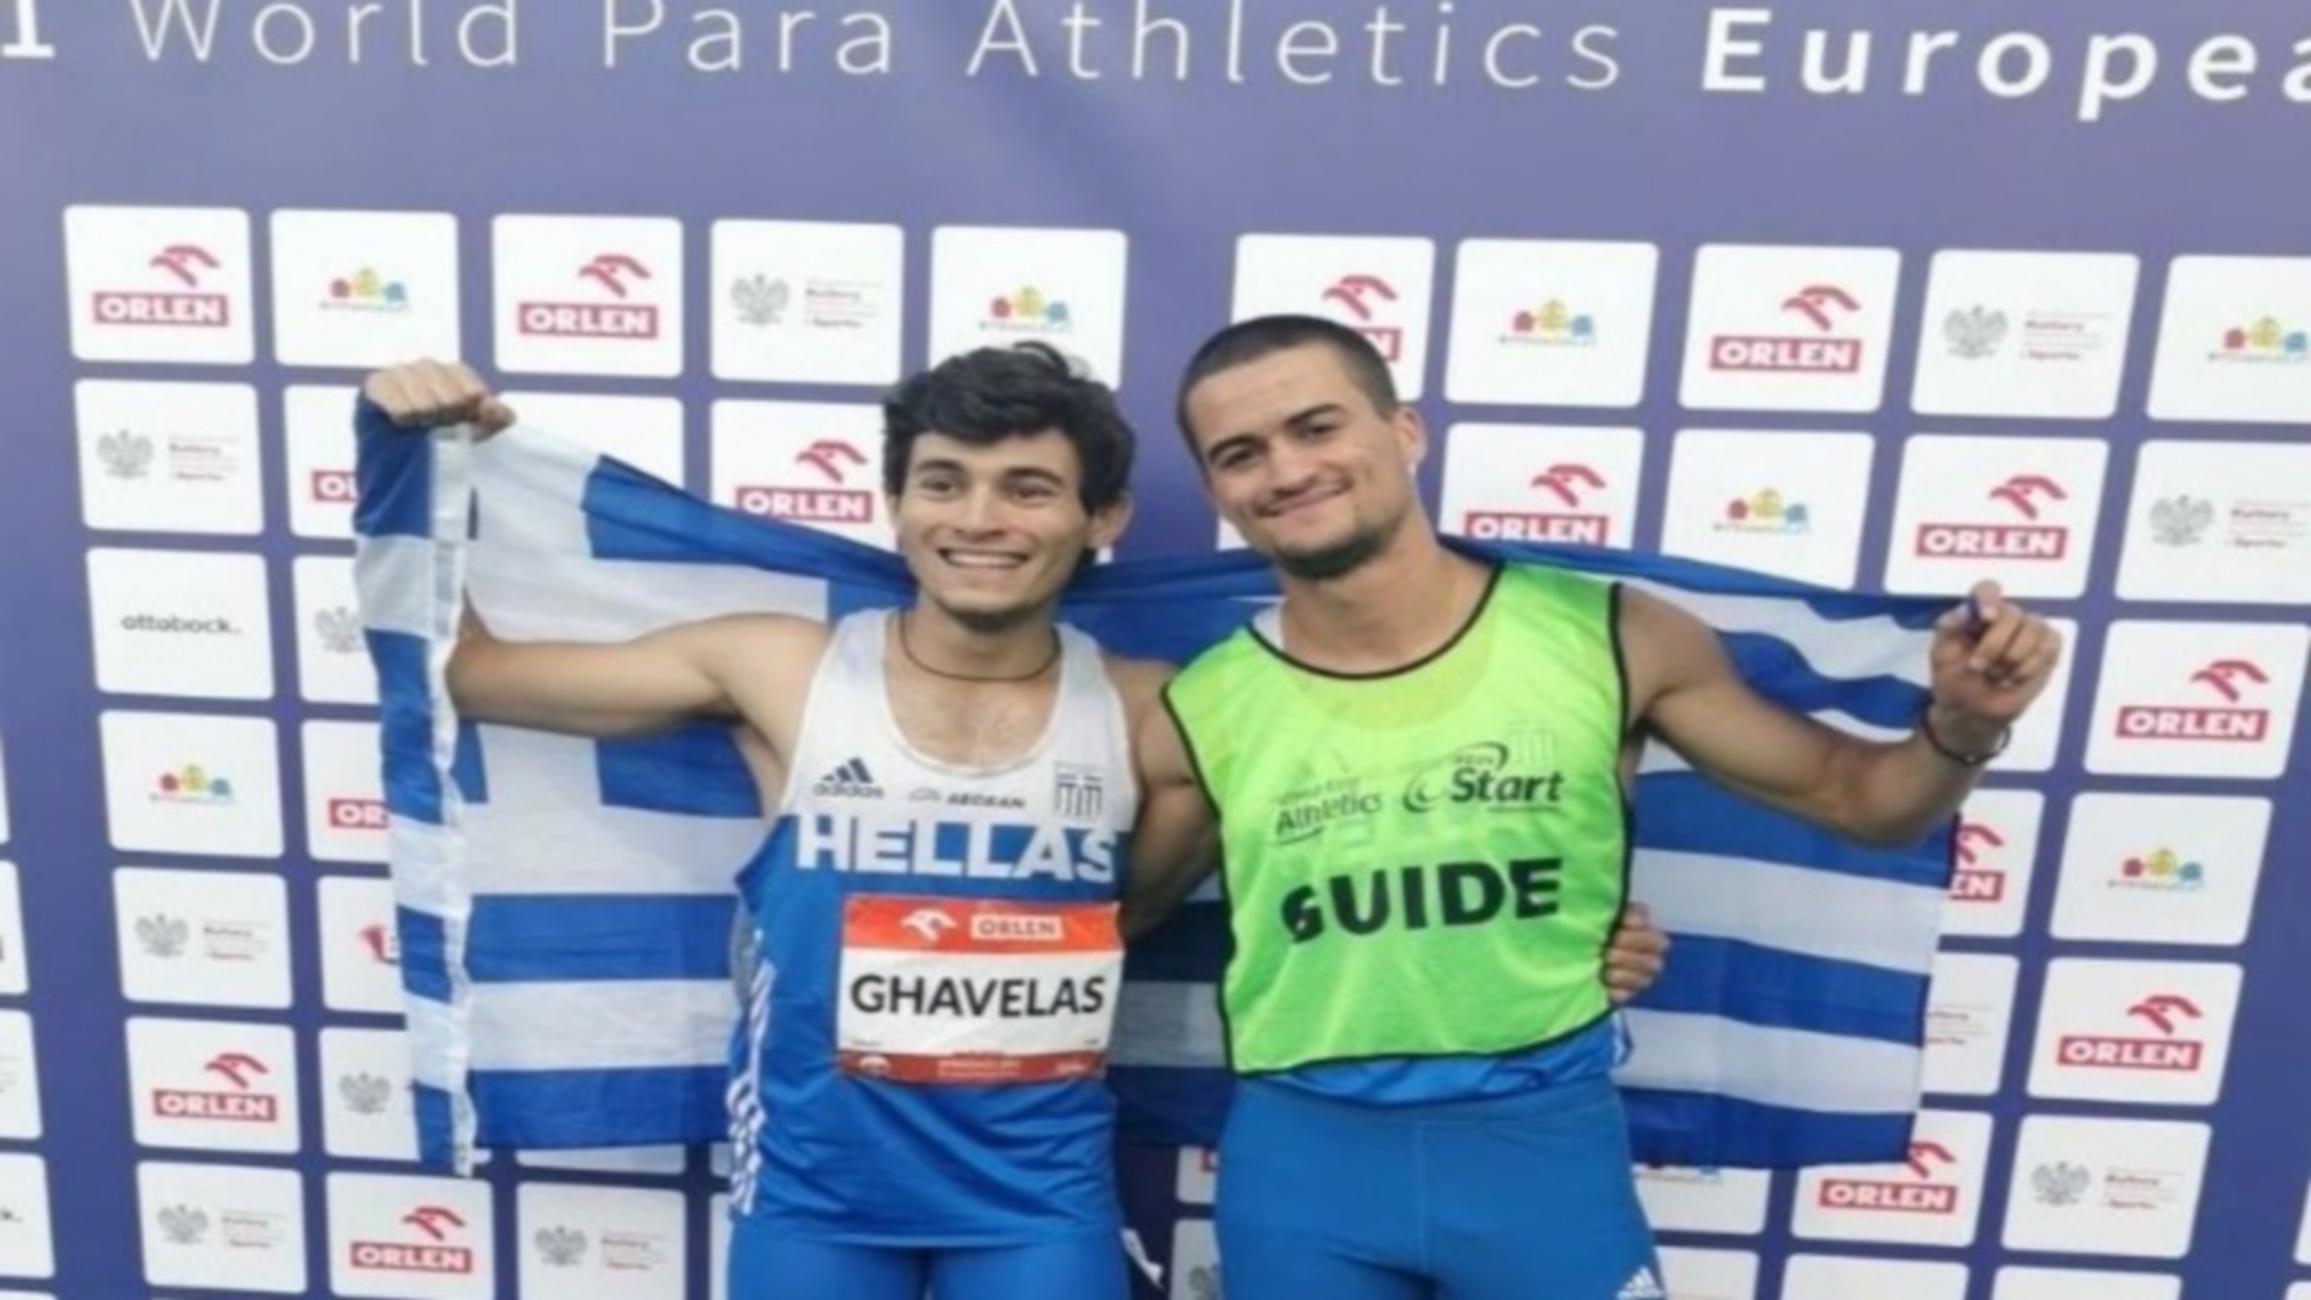 Παραολυμπιακοί Αγώνες: Στα ημιτελικά ο Γκαβέλας με παγκόσμιο ρεκόρ